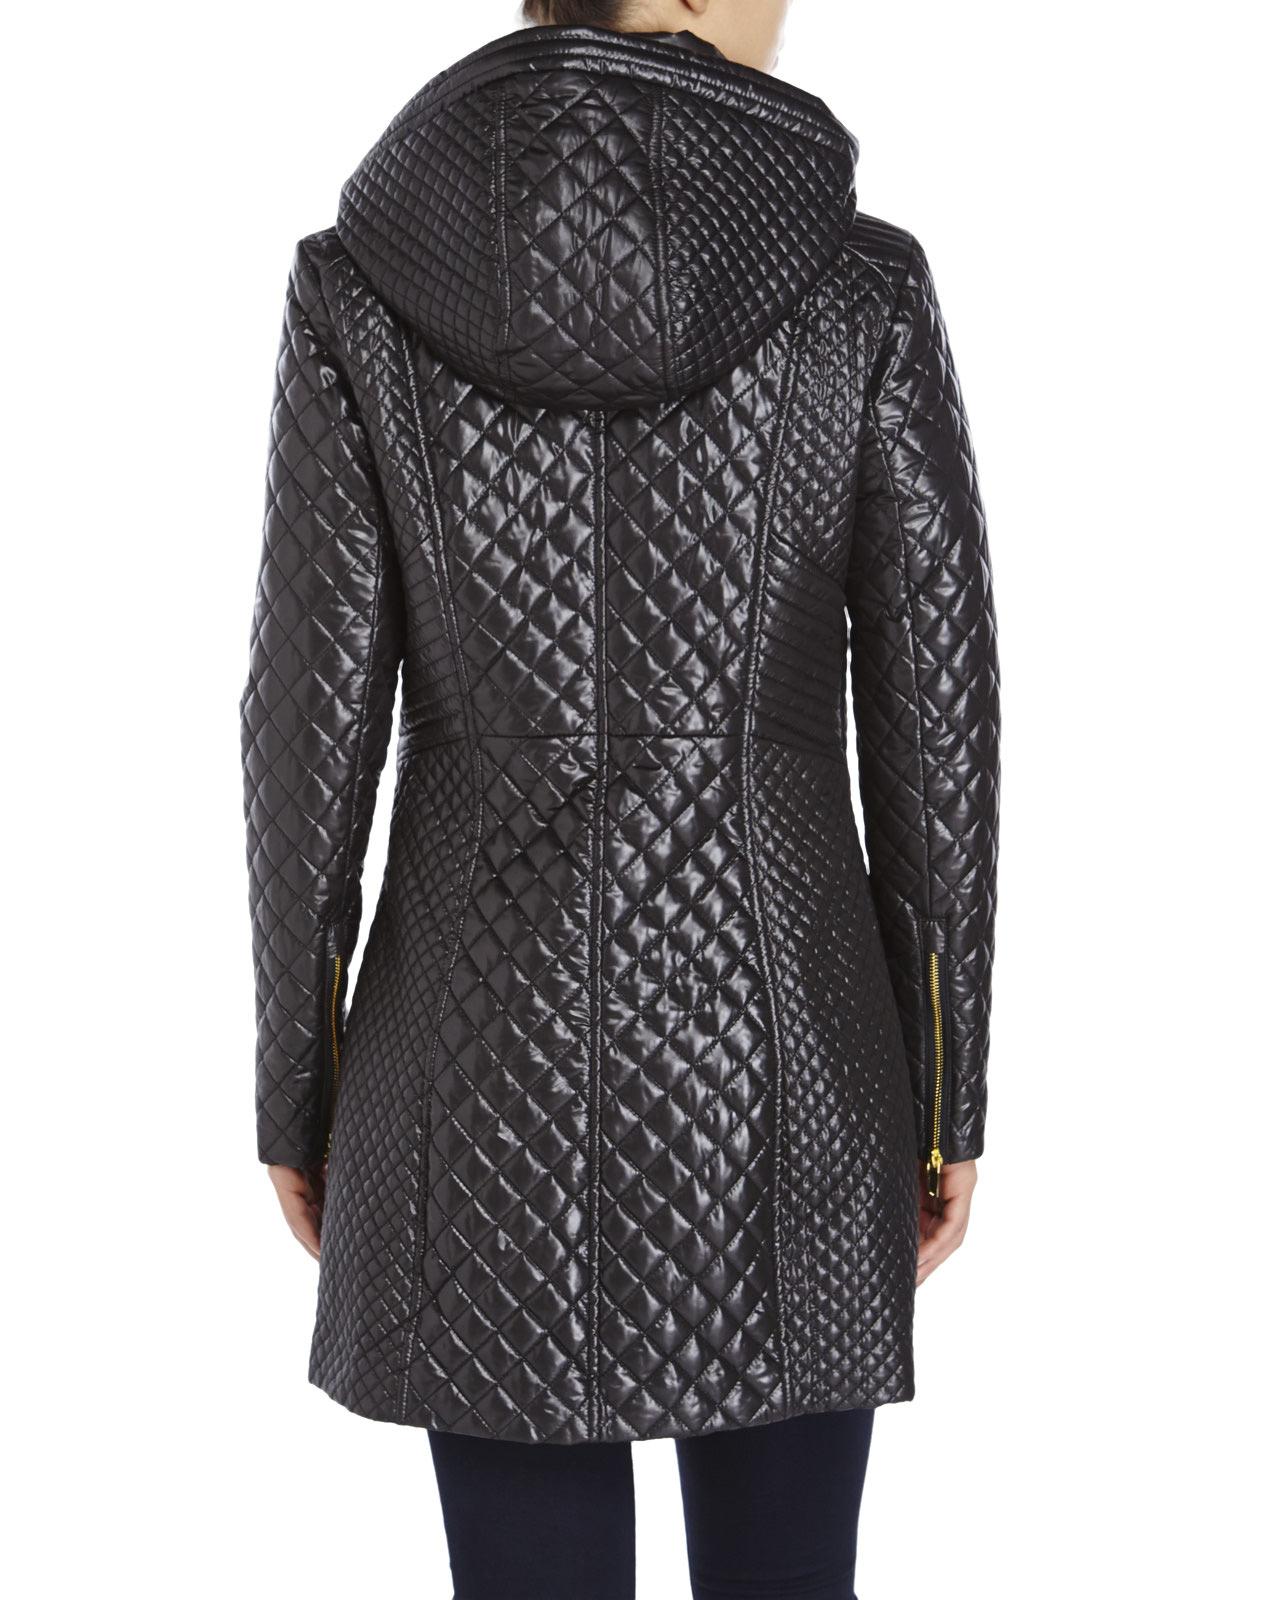 Via Spiga Quilted Zip Front Jacket In Black Lyst